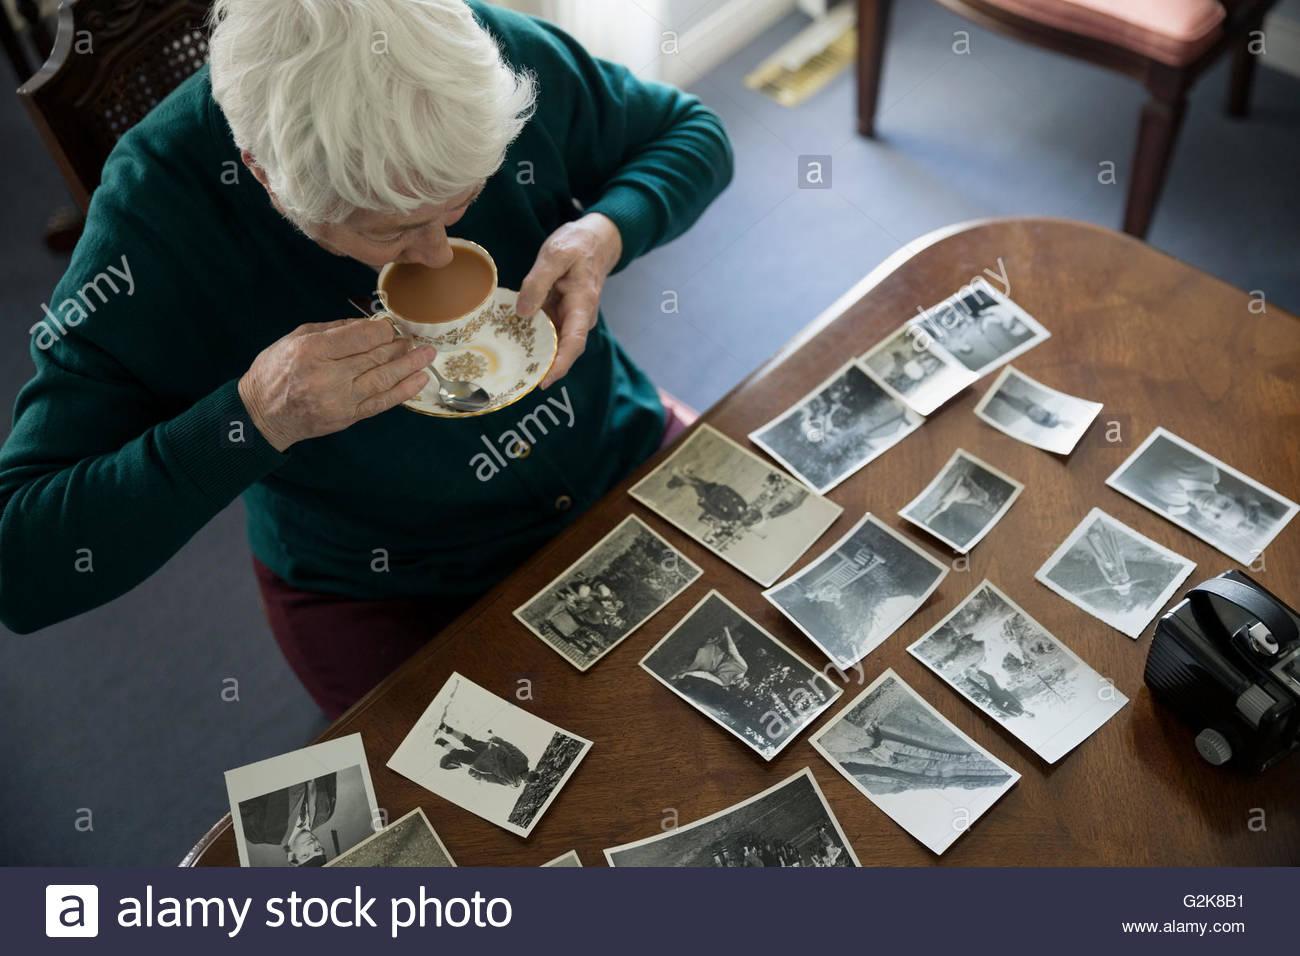 Frauen in Führungspositionen Tee zu trinken und mit Blick auf alten Fotografien Stockbild